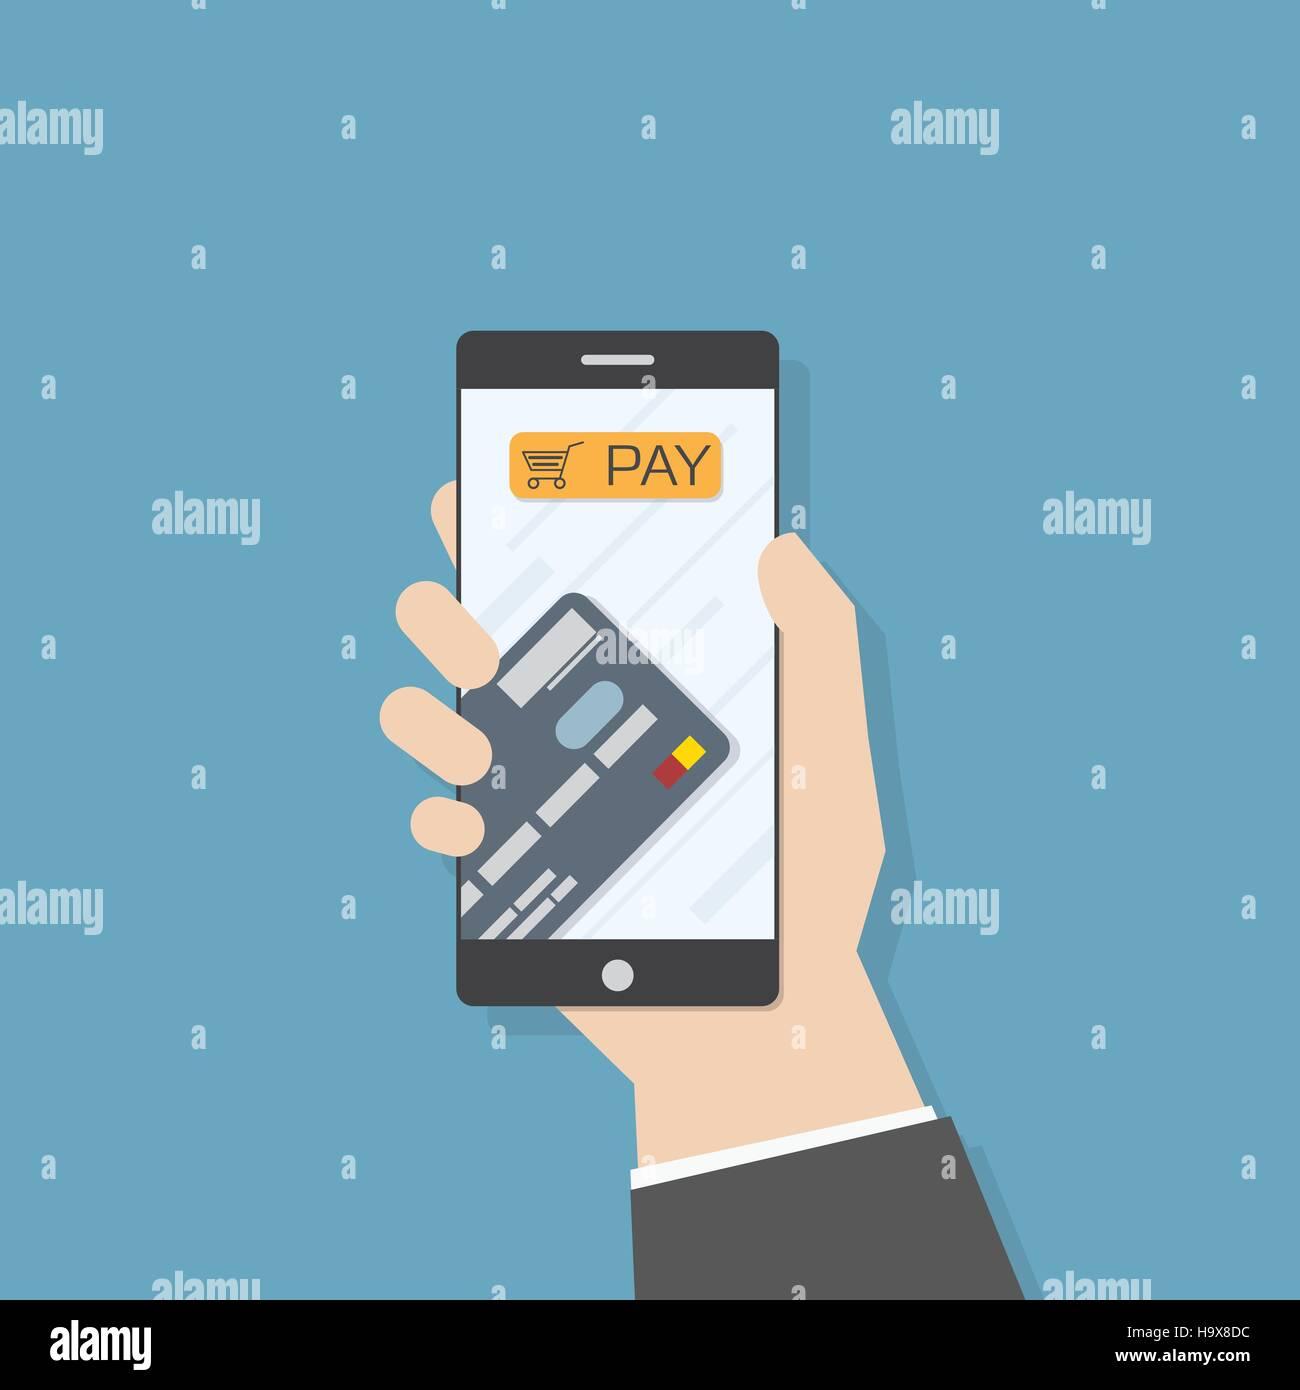 Einfache flache Darstellung. Hand mit Smartphone mit Kreditkarte ...